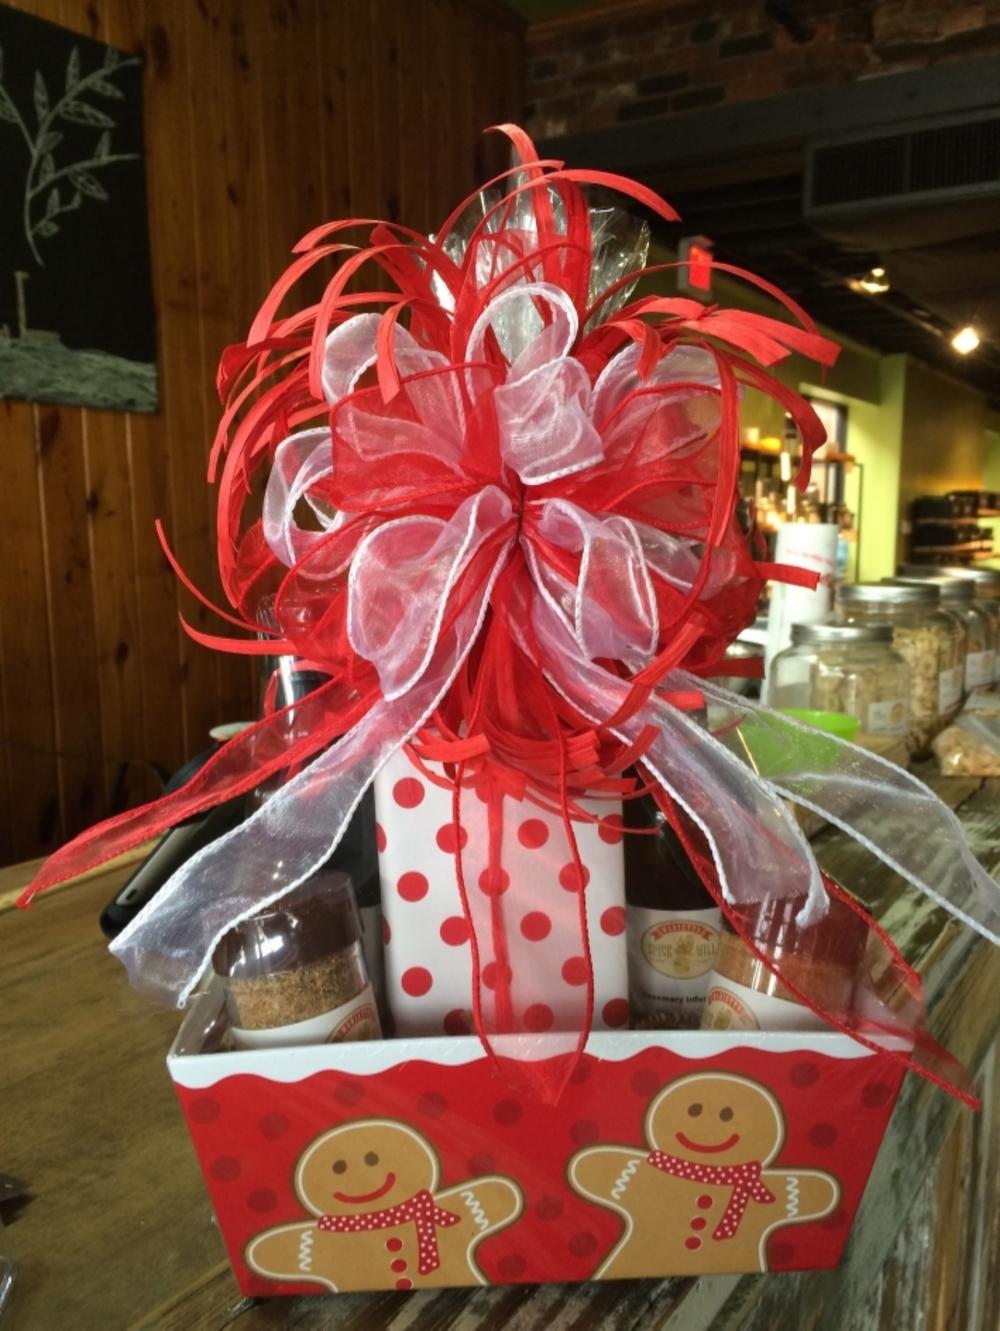 A cheerful Christmas gift basket